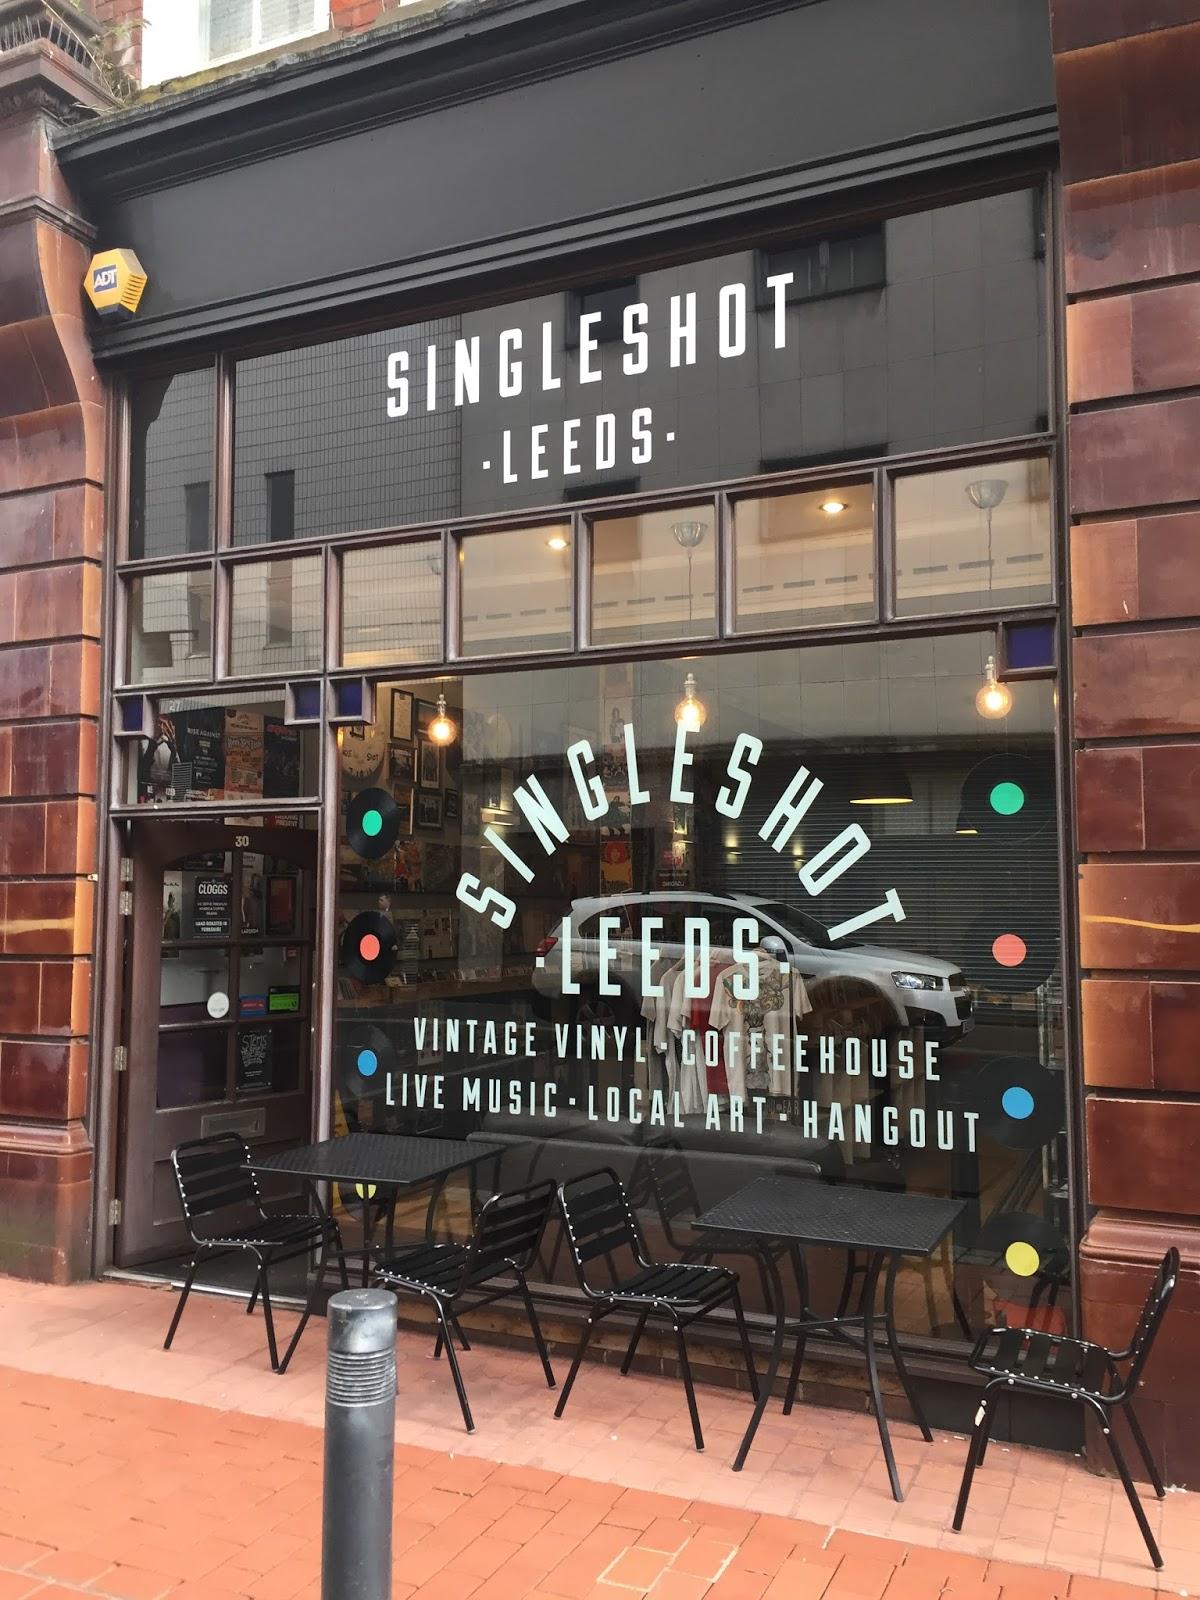 Singleshot Leeds